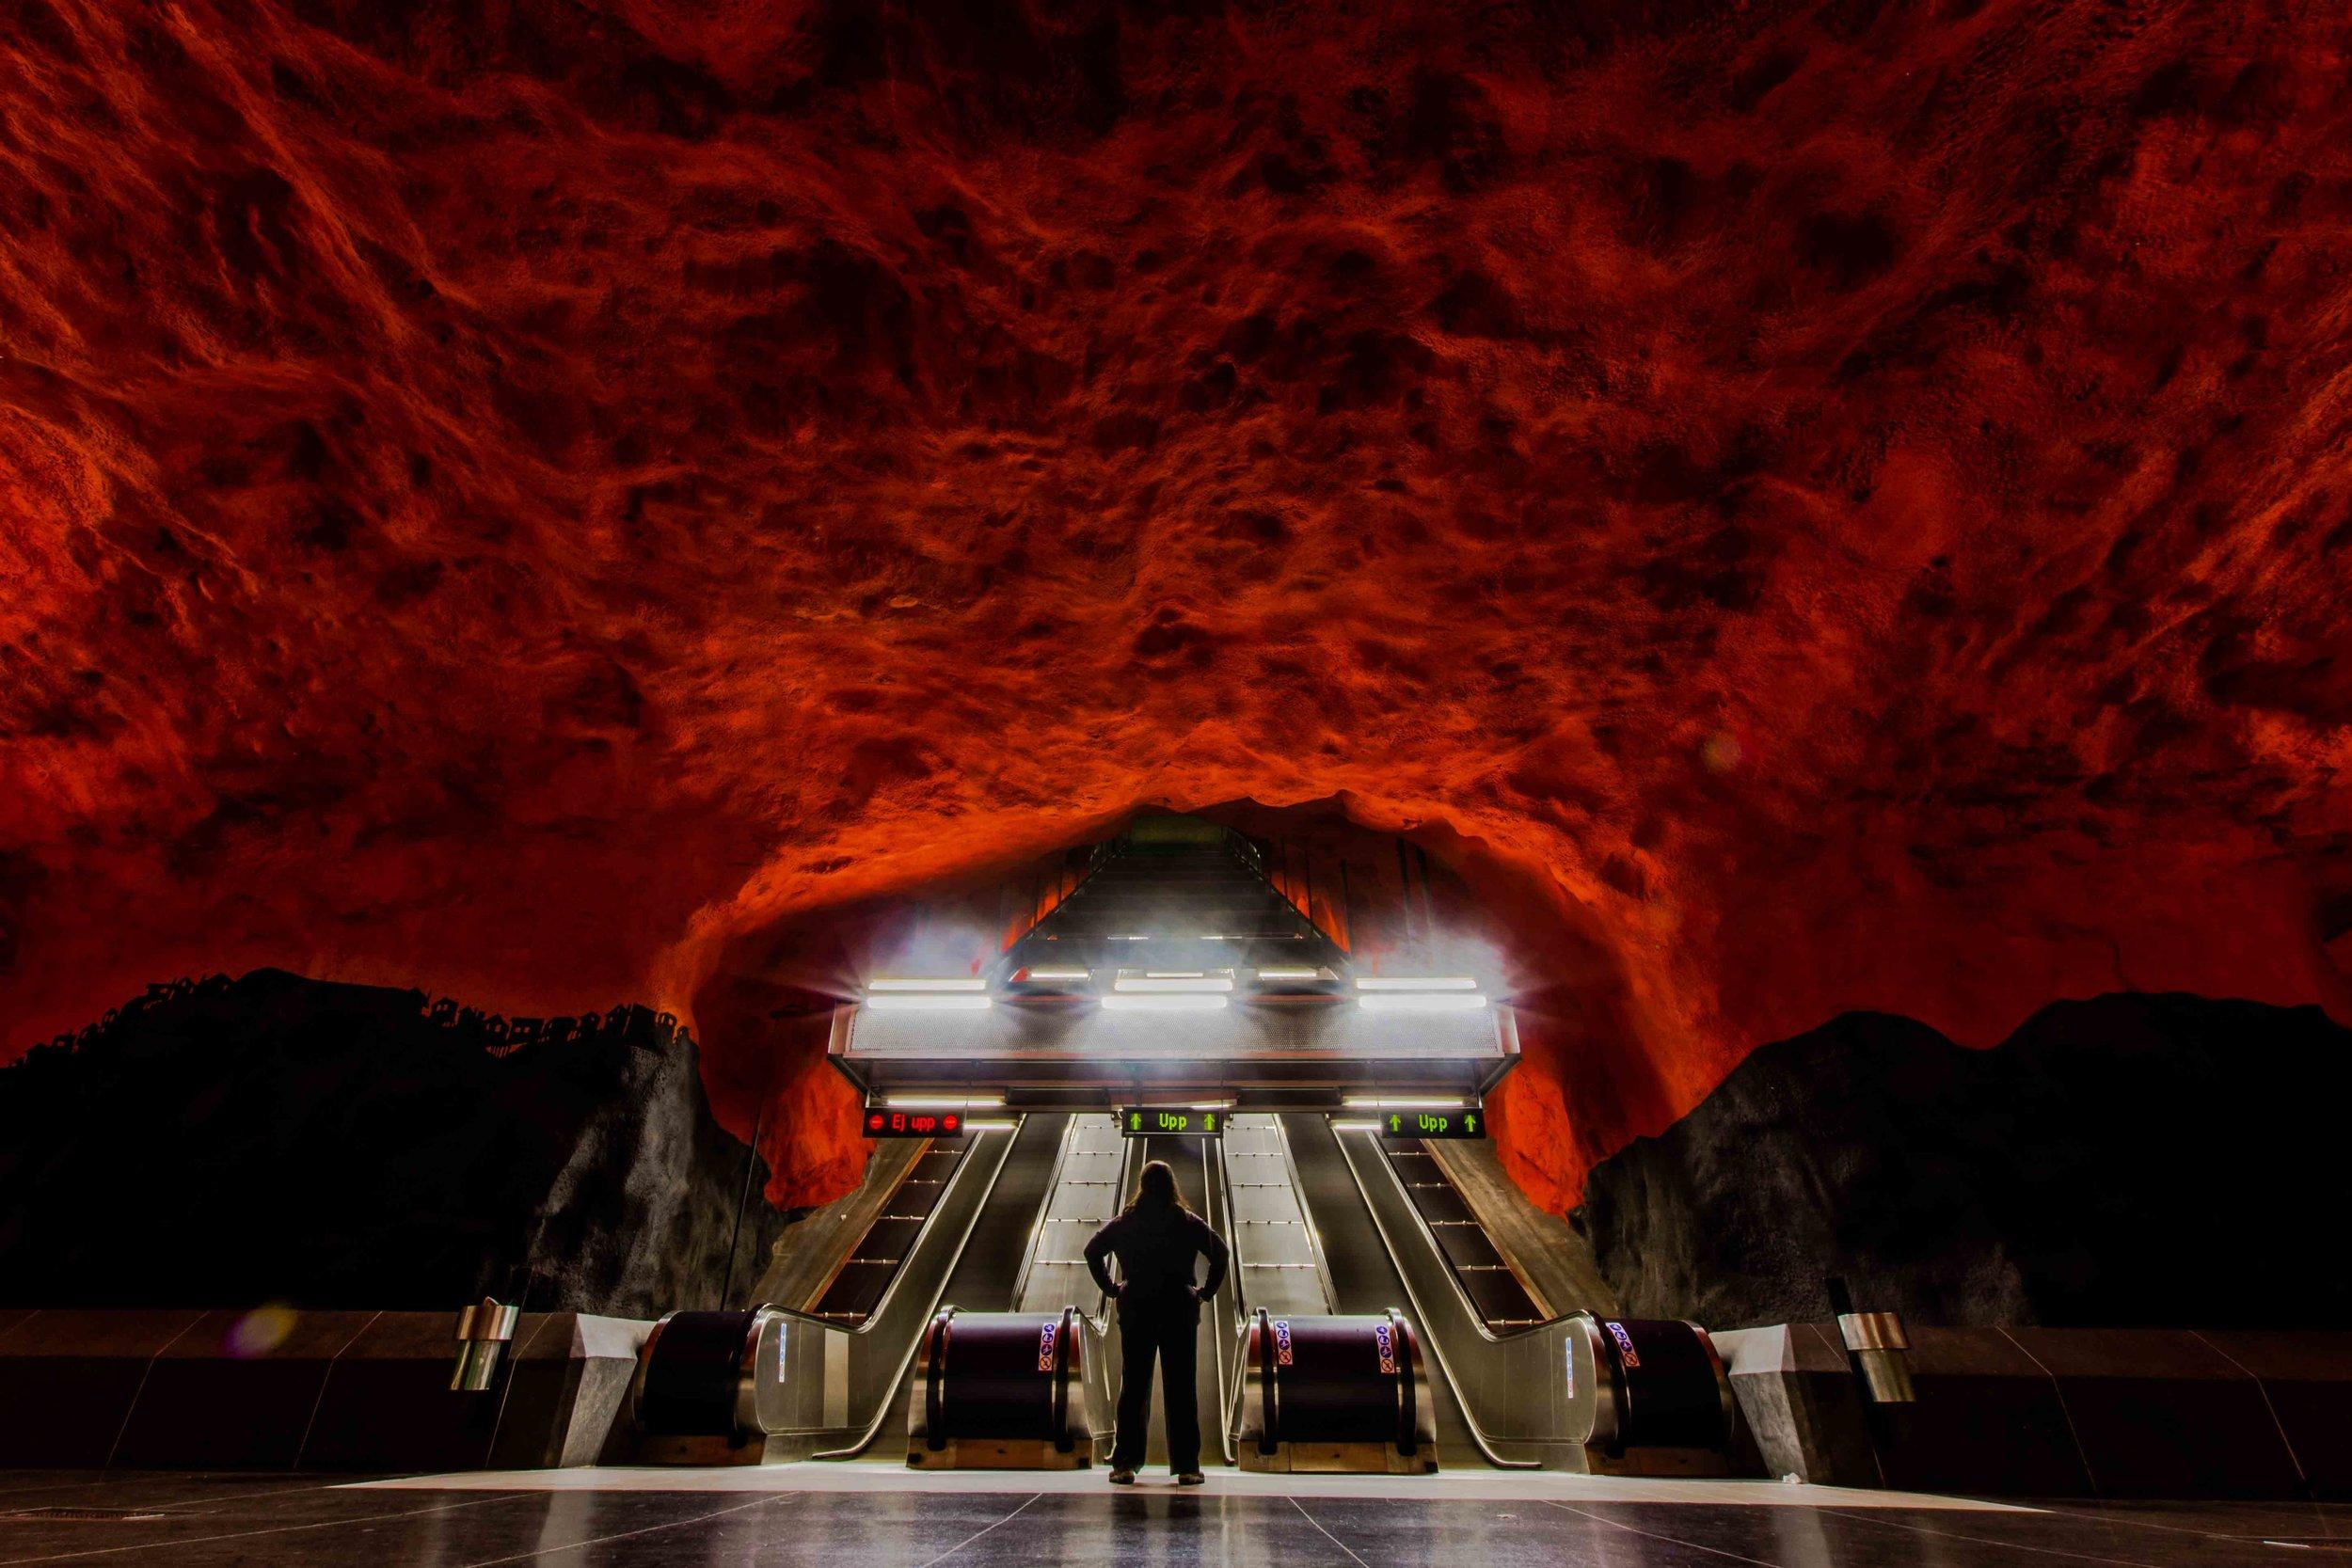 Solna Centrum Station - Stockholm, Sweden